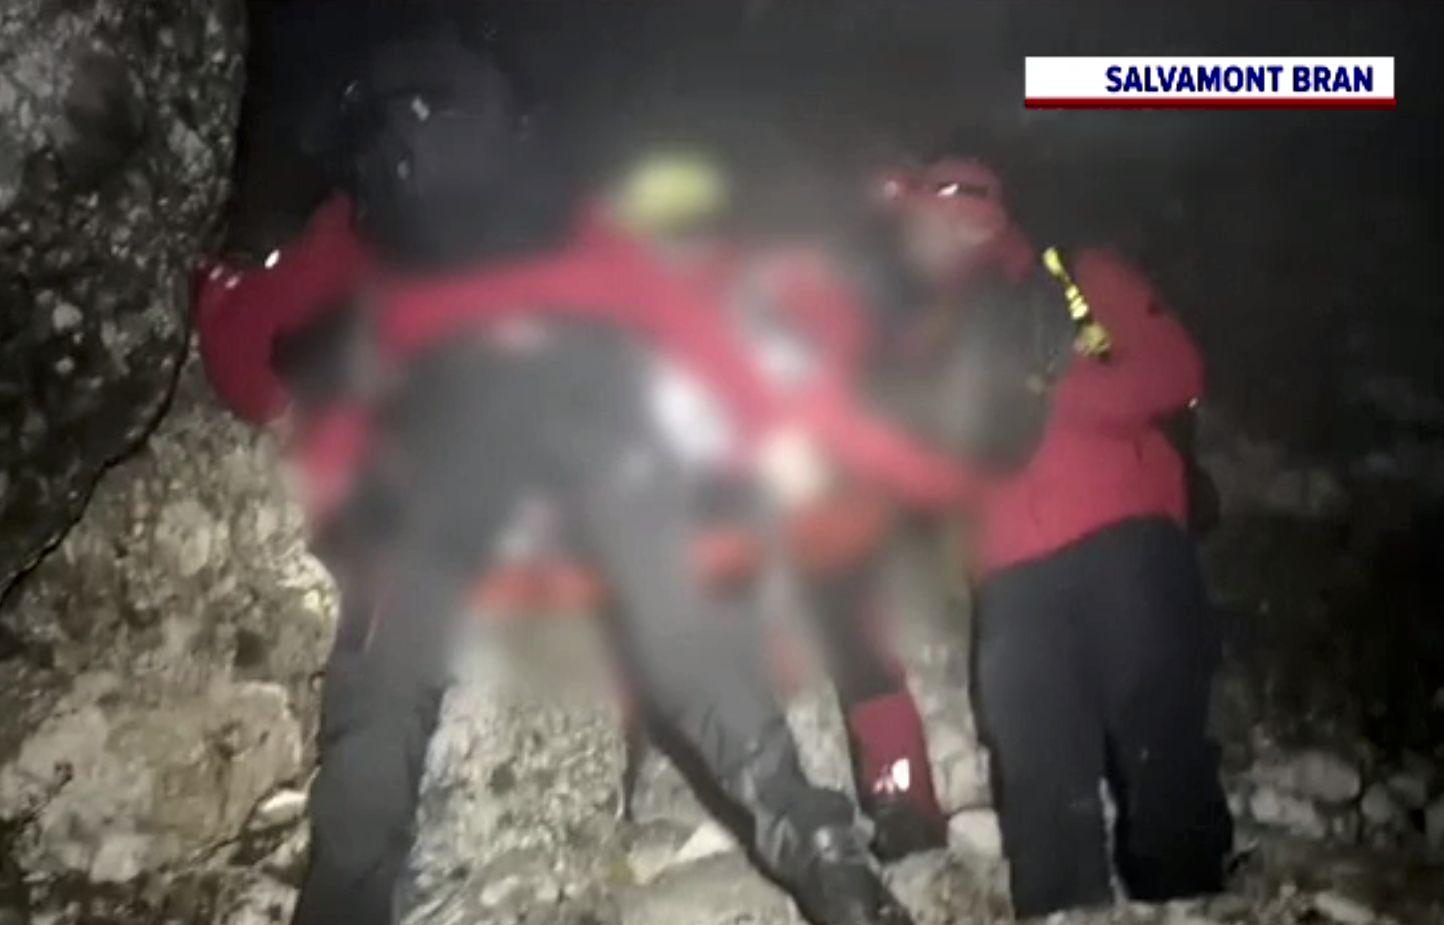 Un bărbat de 140 de kilograme a fost coborât cu greu de salvamontiști, de la 2.000 de metri. Căzuse într-o prăpastie